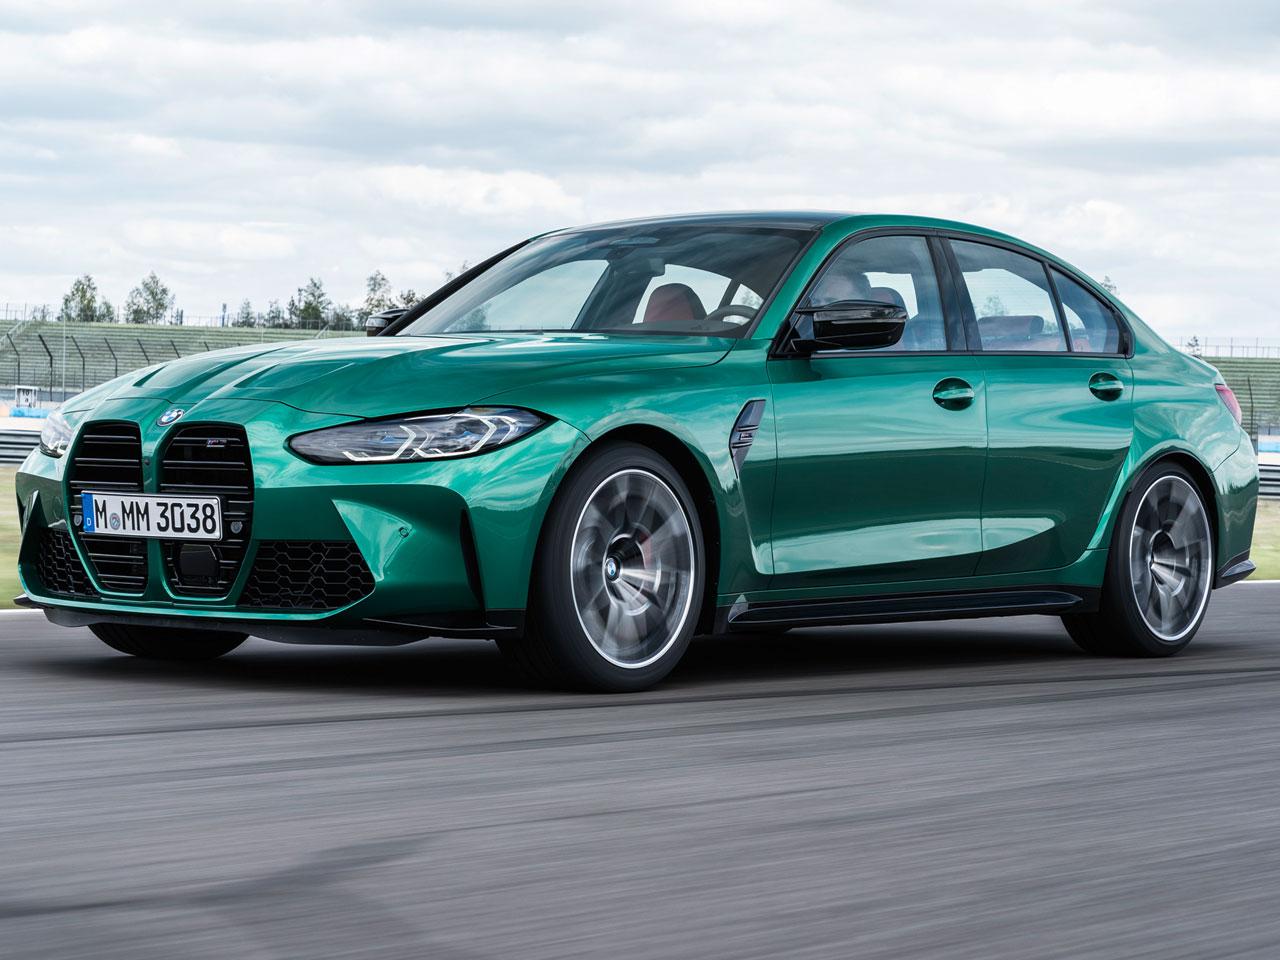 BMW M3 セダン 2021年モデル 新車画像